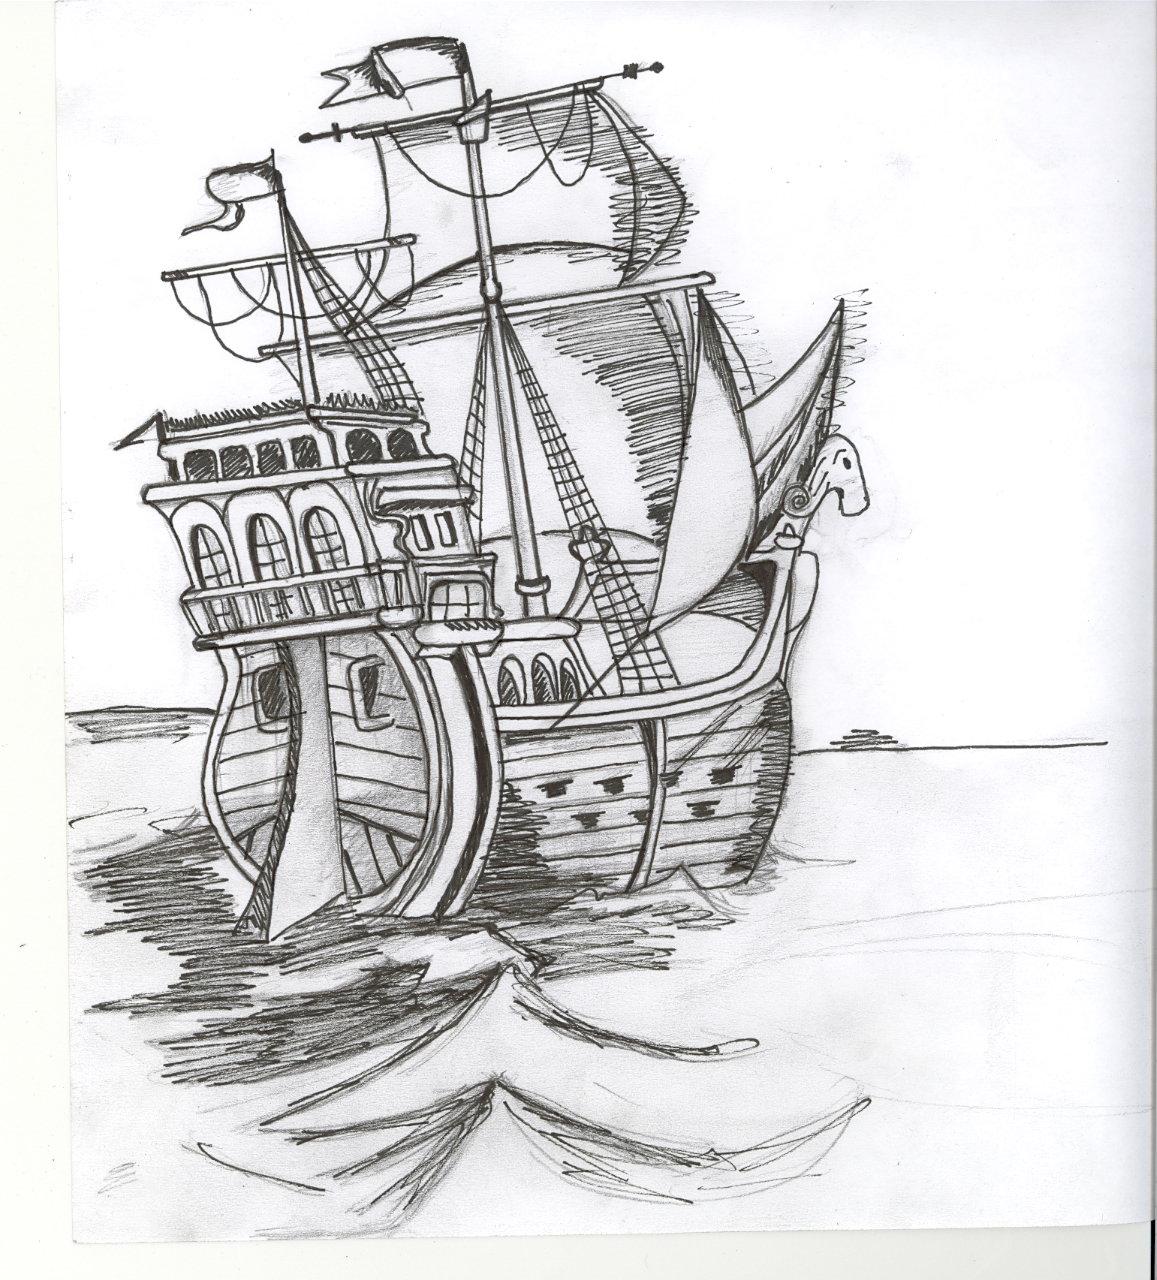 Dessins en couleurs imprimer bateau num ro 14921 - Dessin de bateau ...